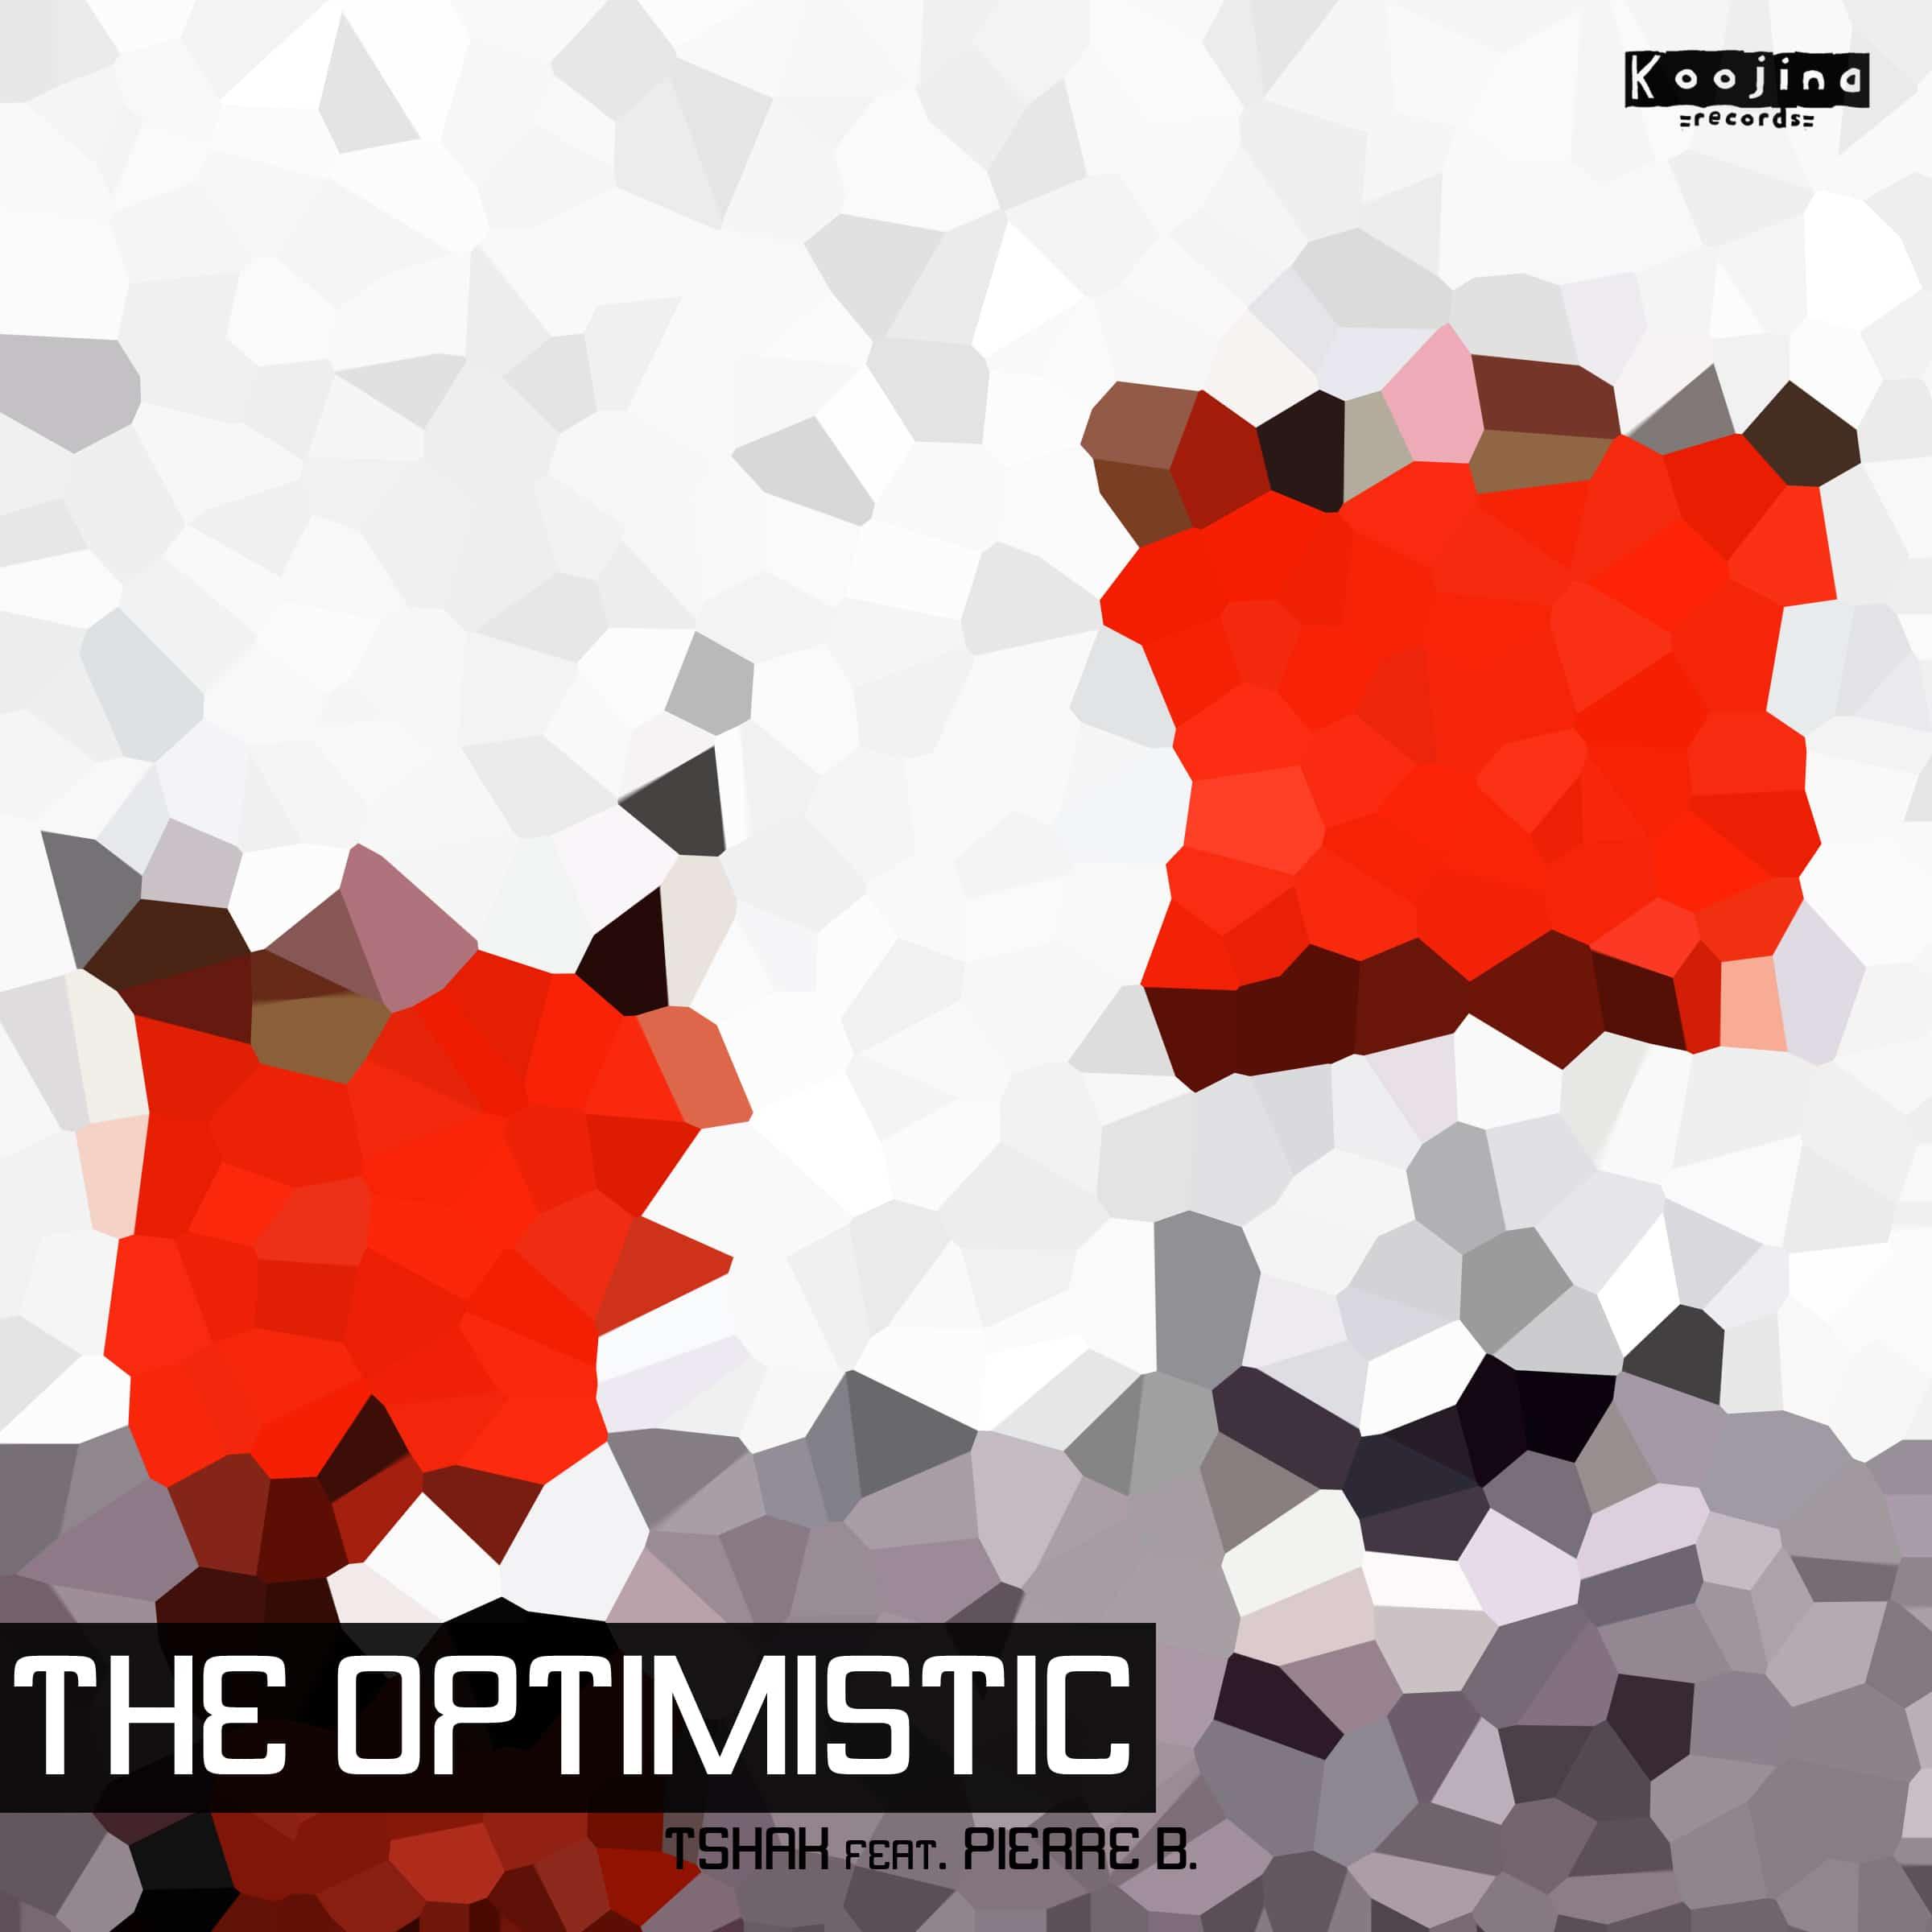 The Optimistic70